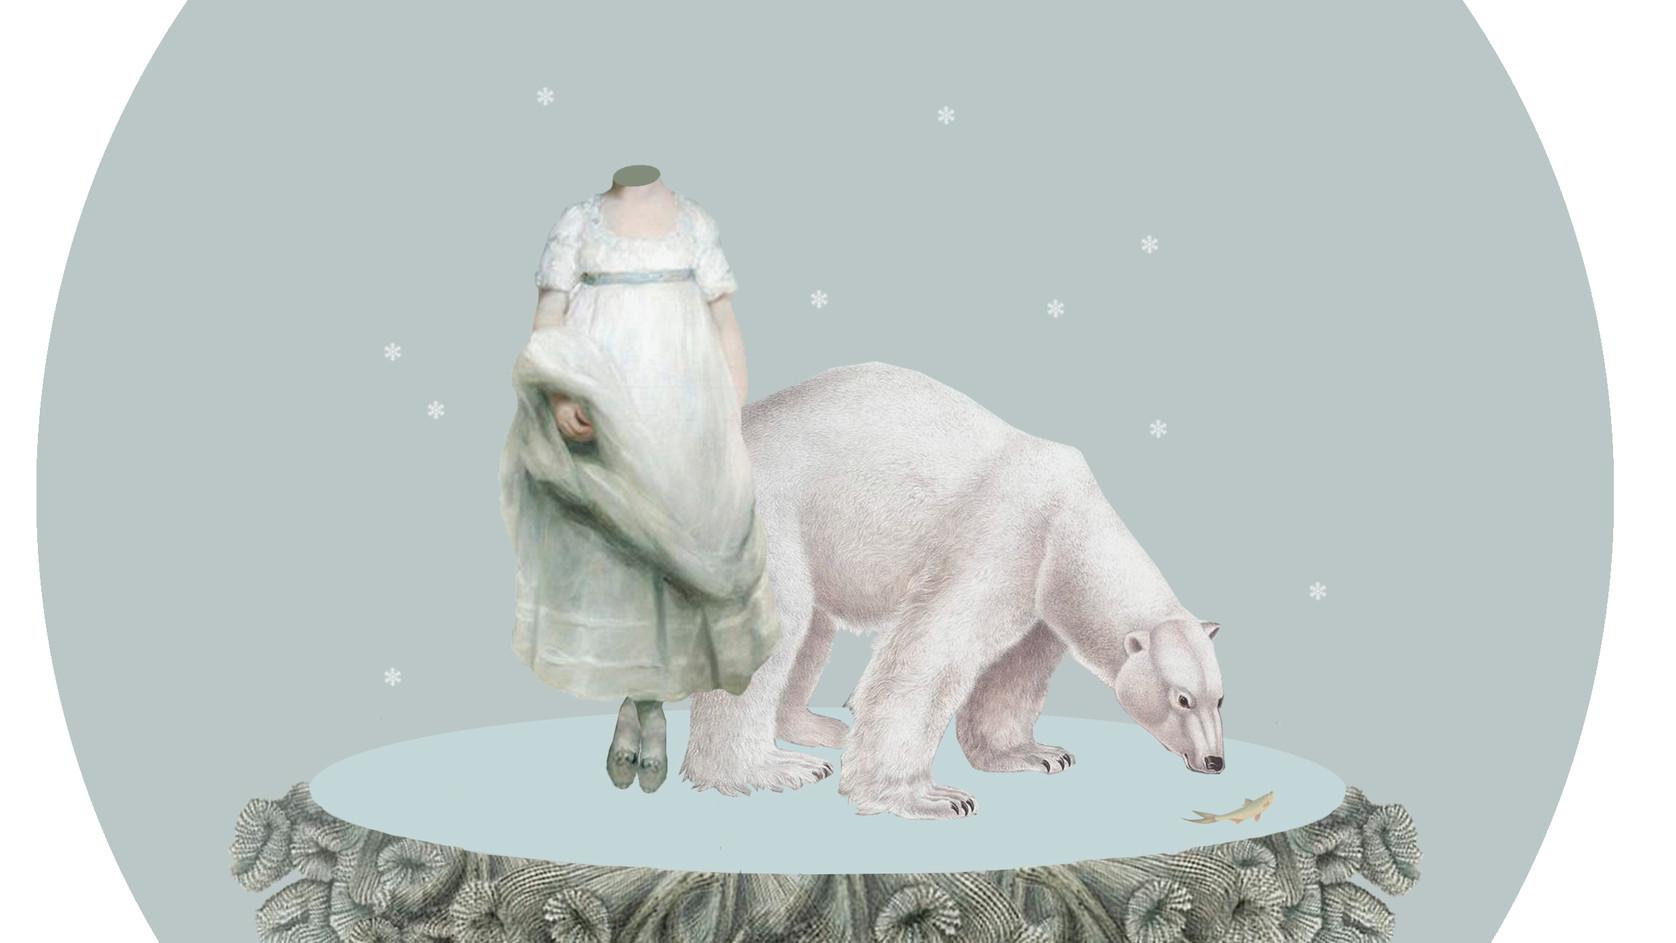 Stillness in frozen time